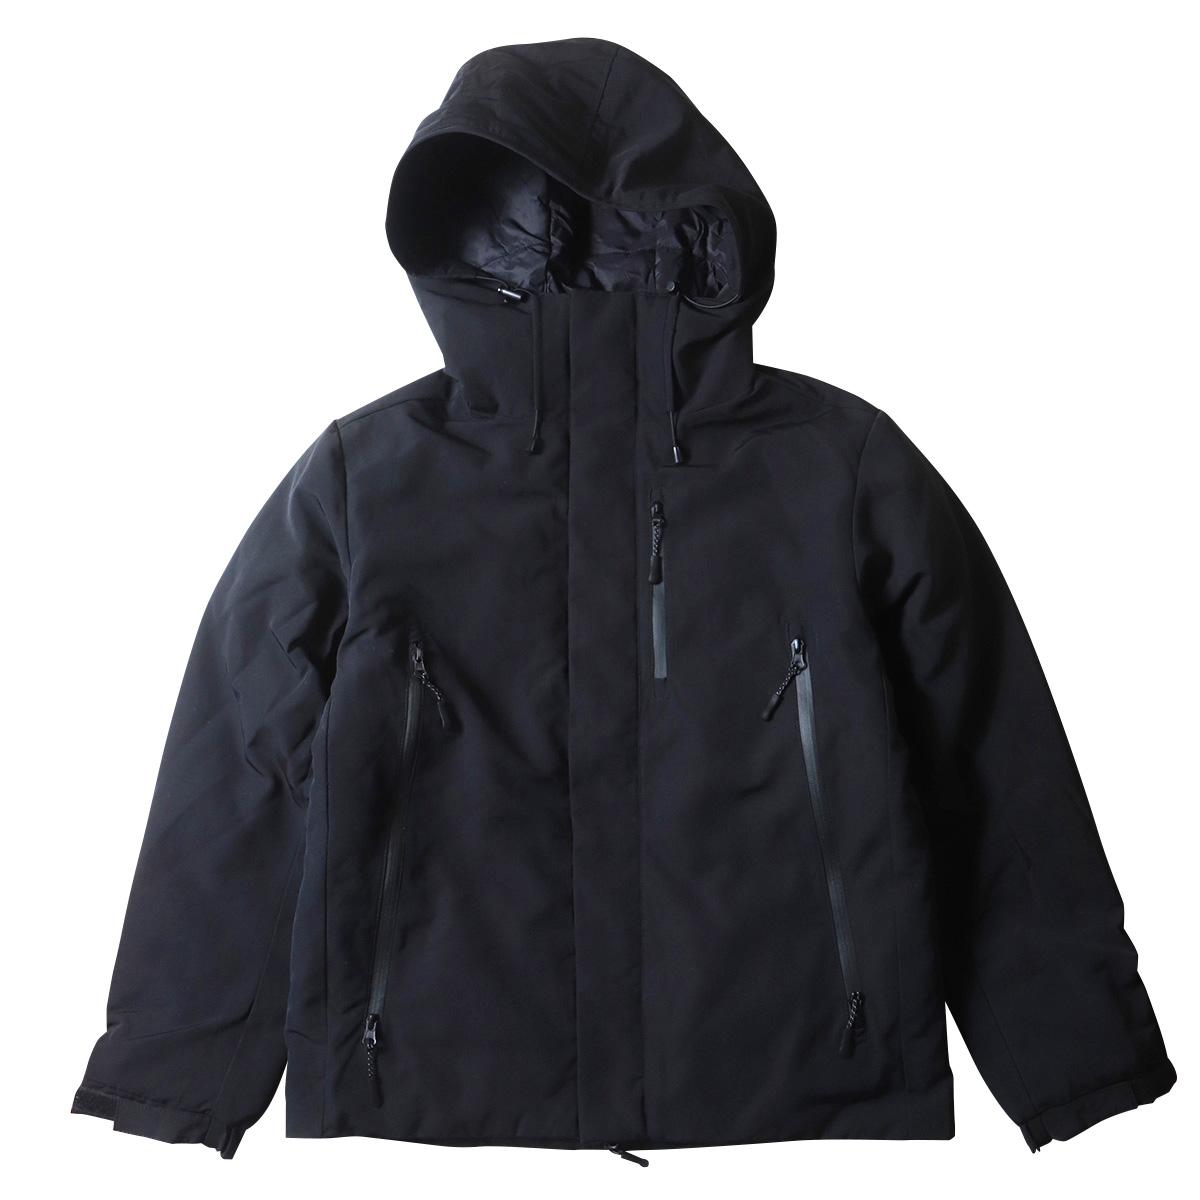 ダウン・フェザーMIX 中綿フーデッド ジャケット ブルゾン メンズ 防寒 防風